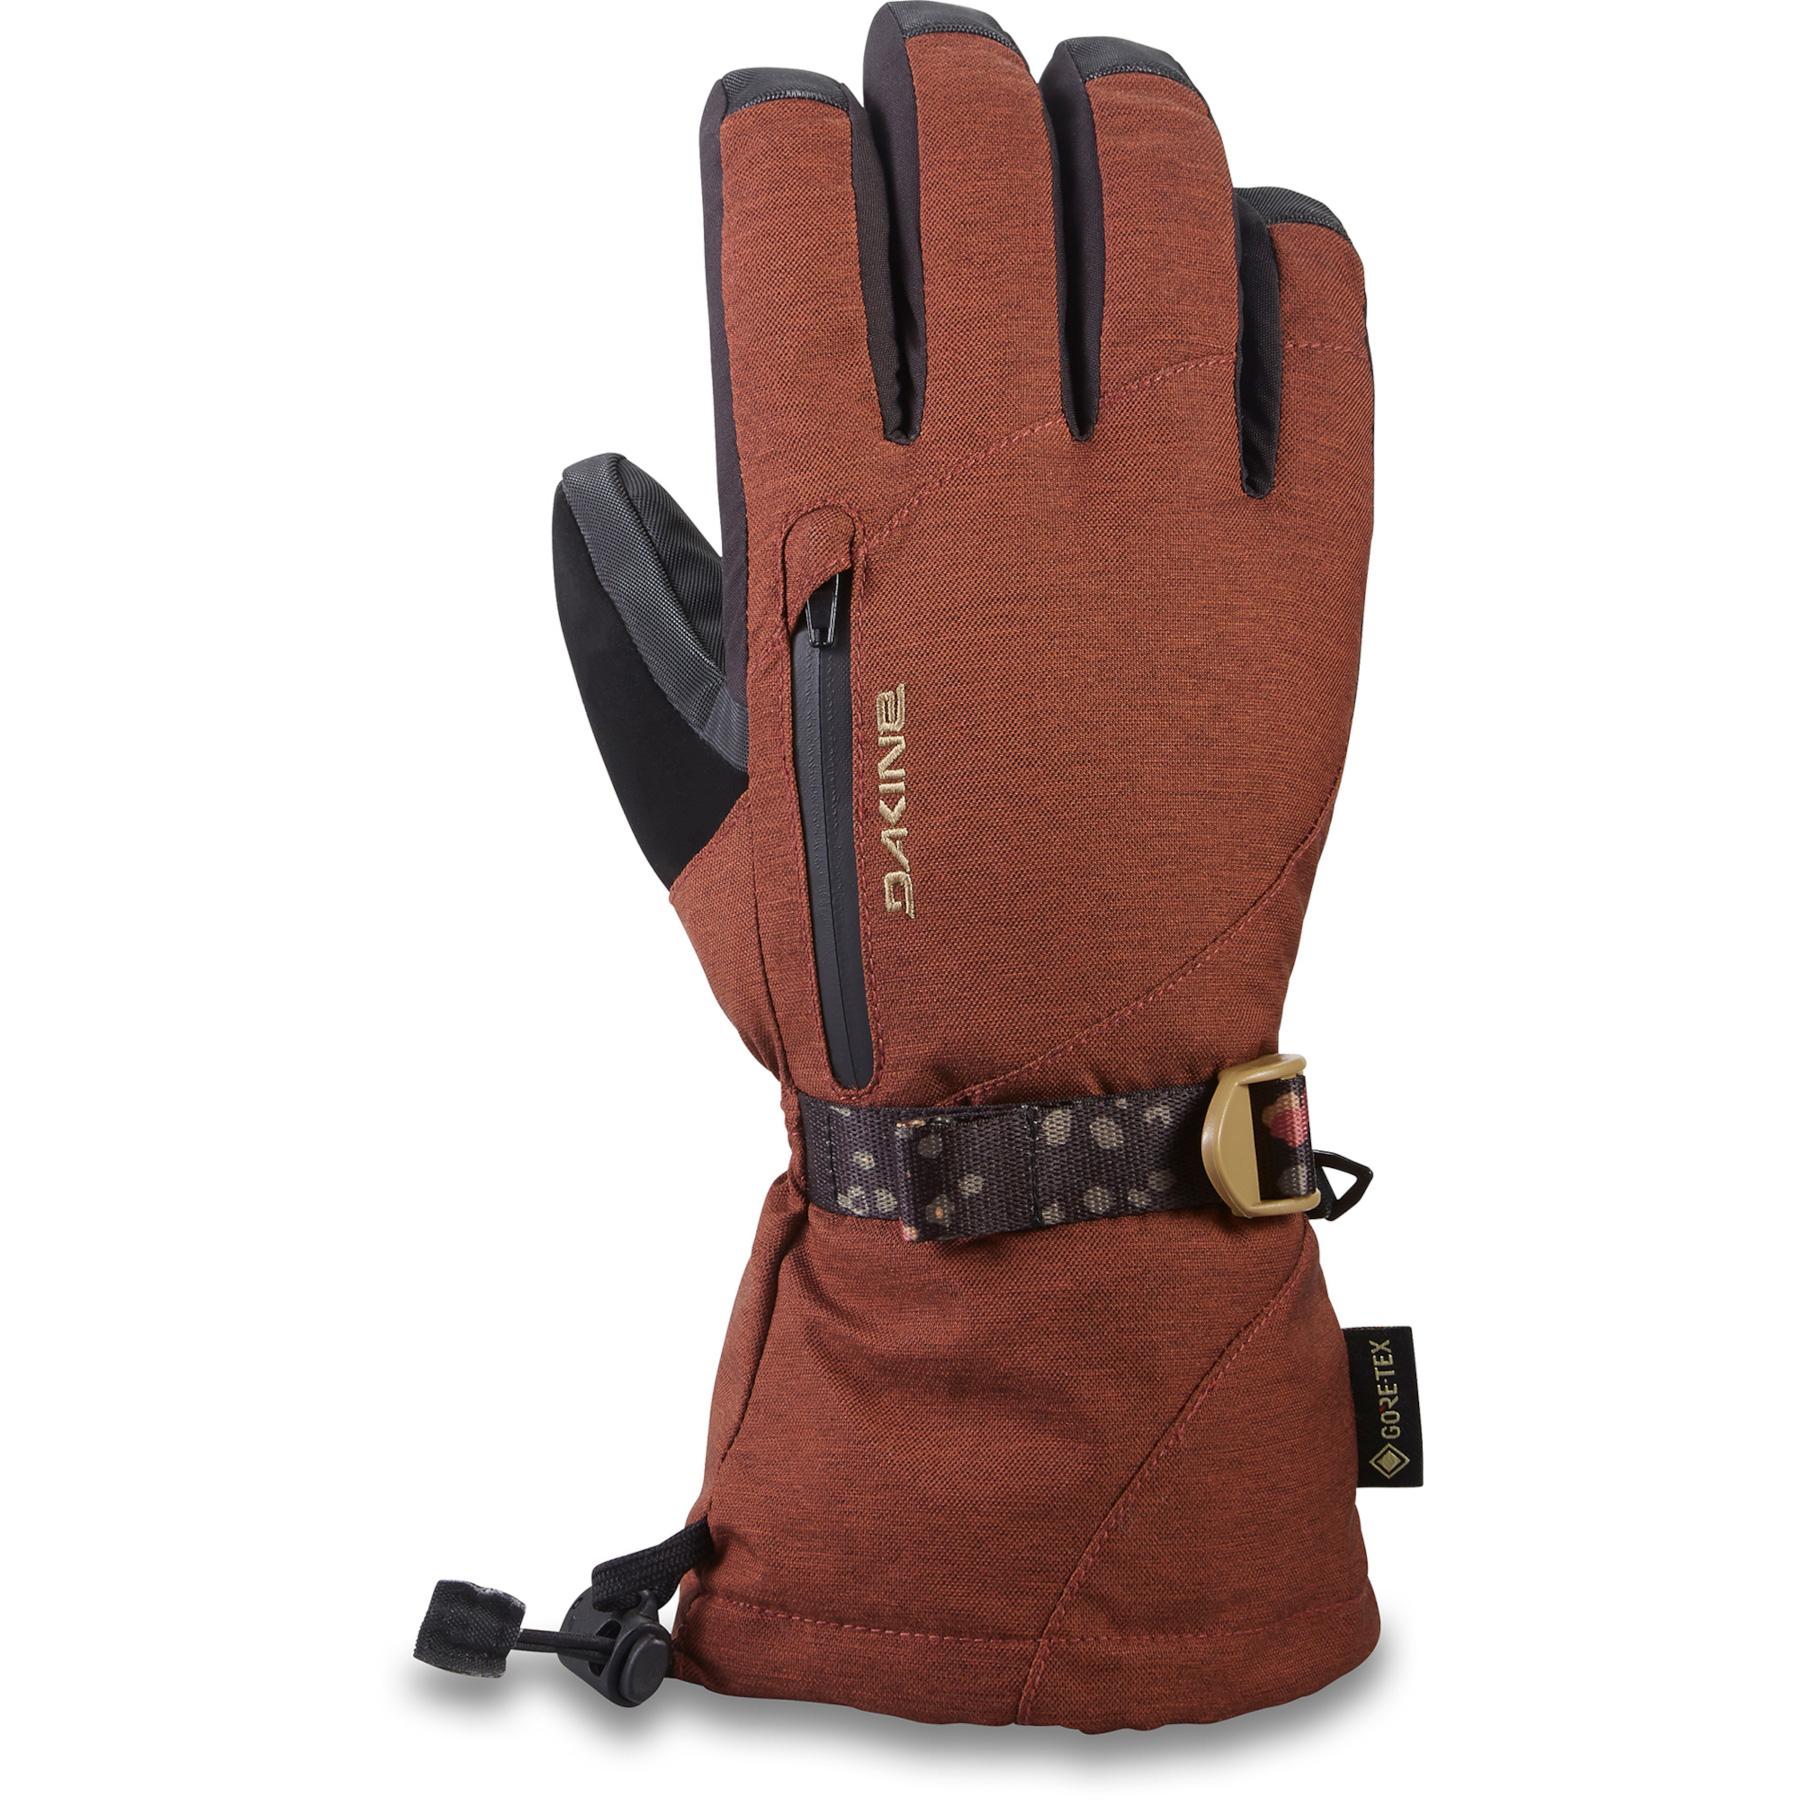 Dakine Women's Sequoia Gore-Tex Gloves - Dark Rose